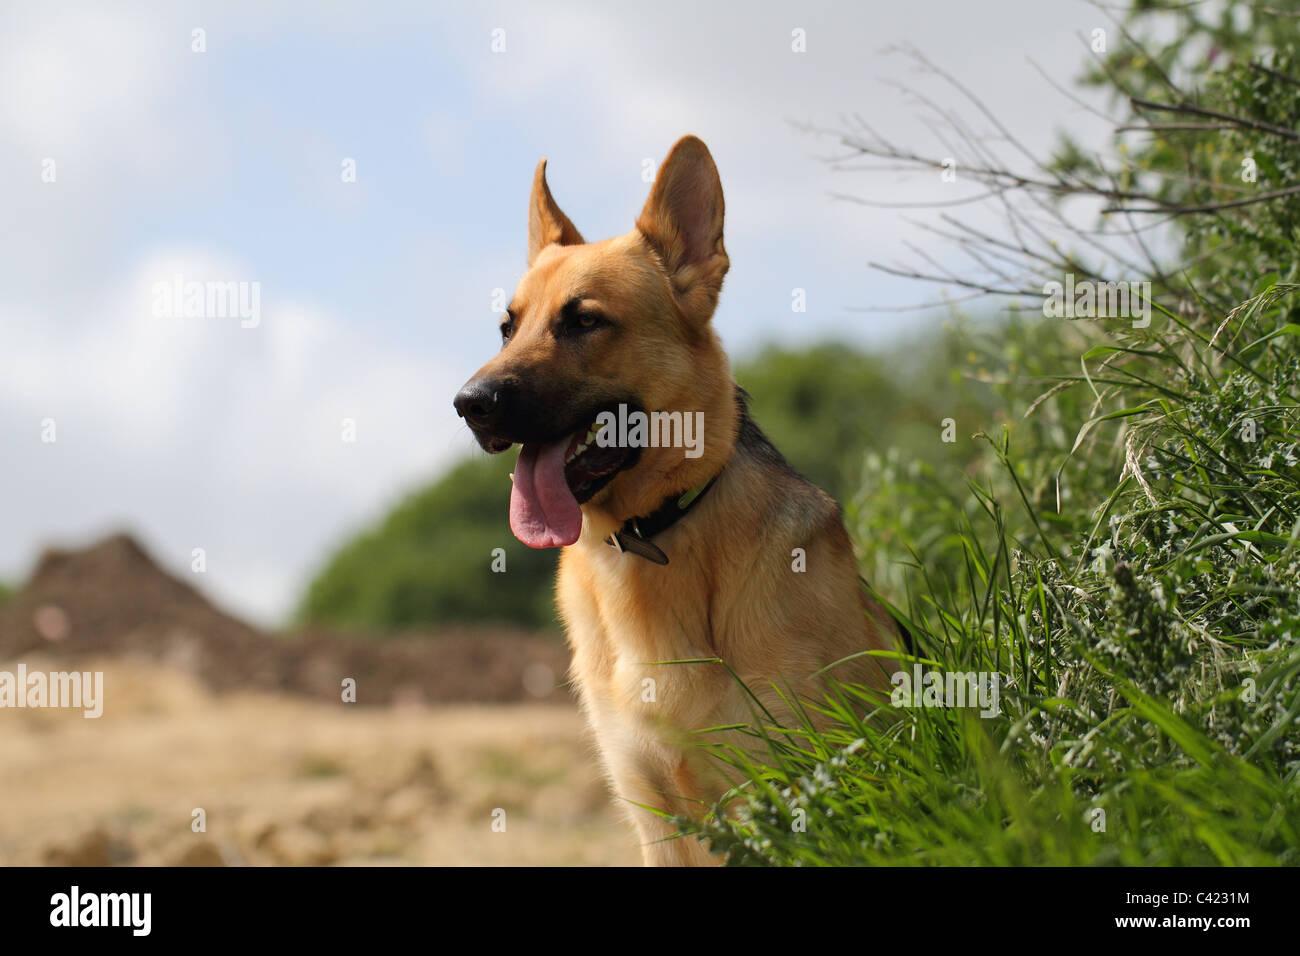 german shepherd dog  Alsatian - Stock Image